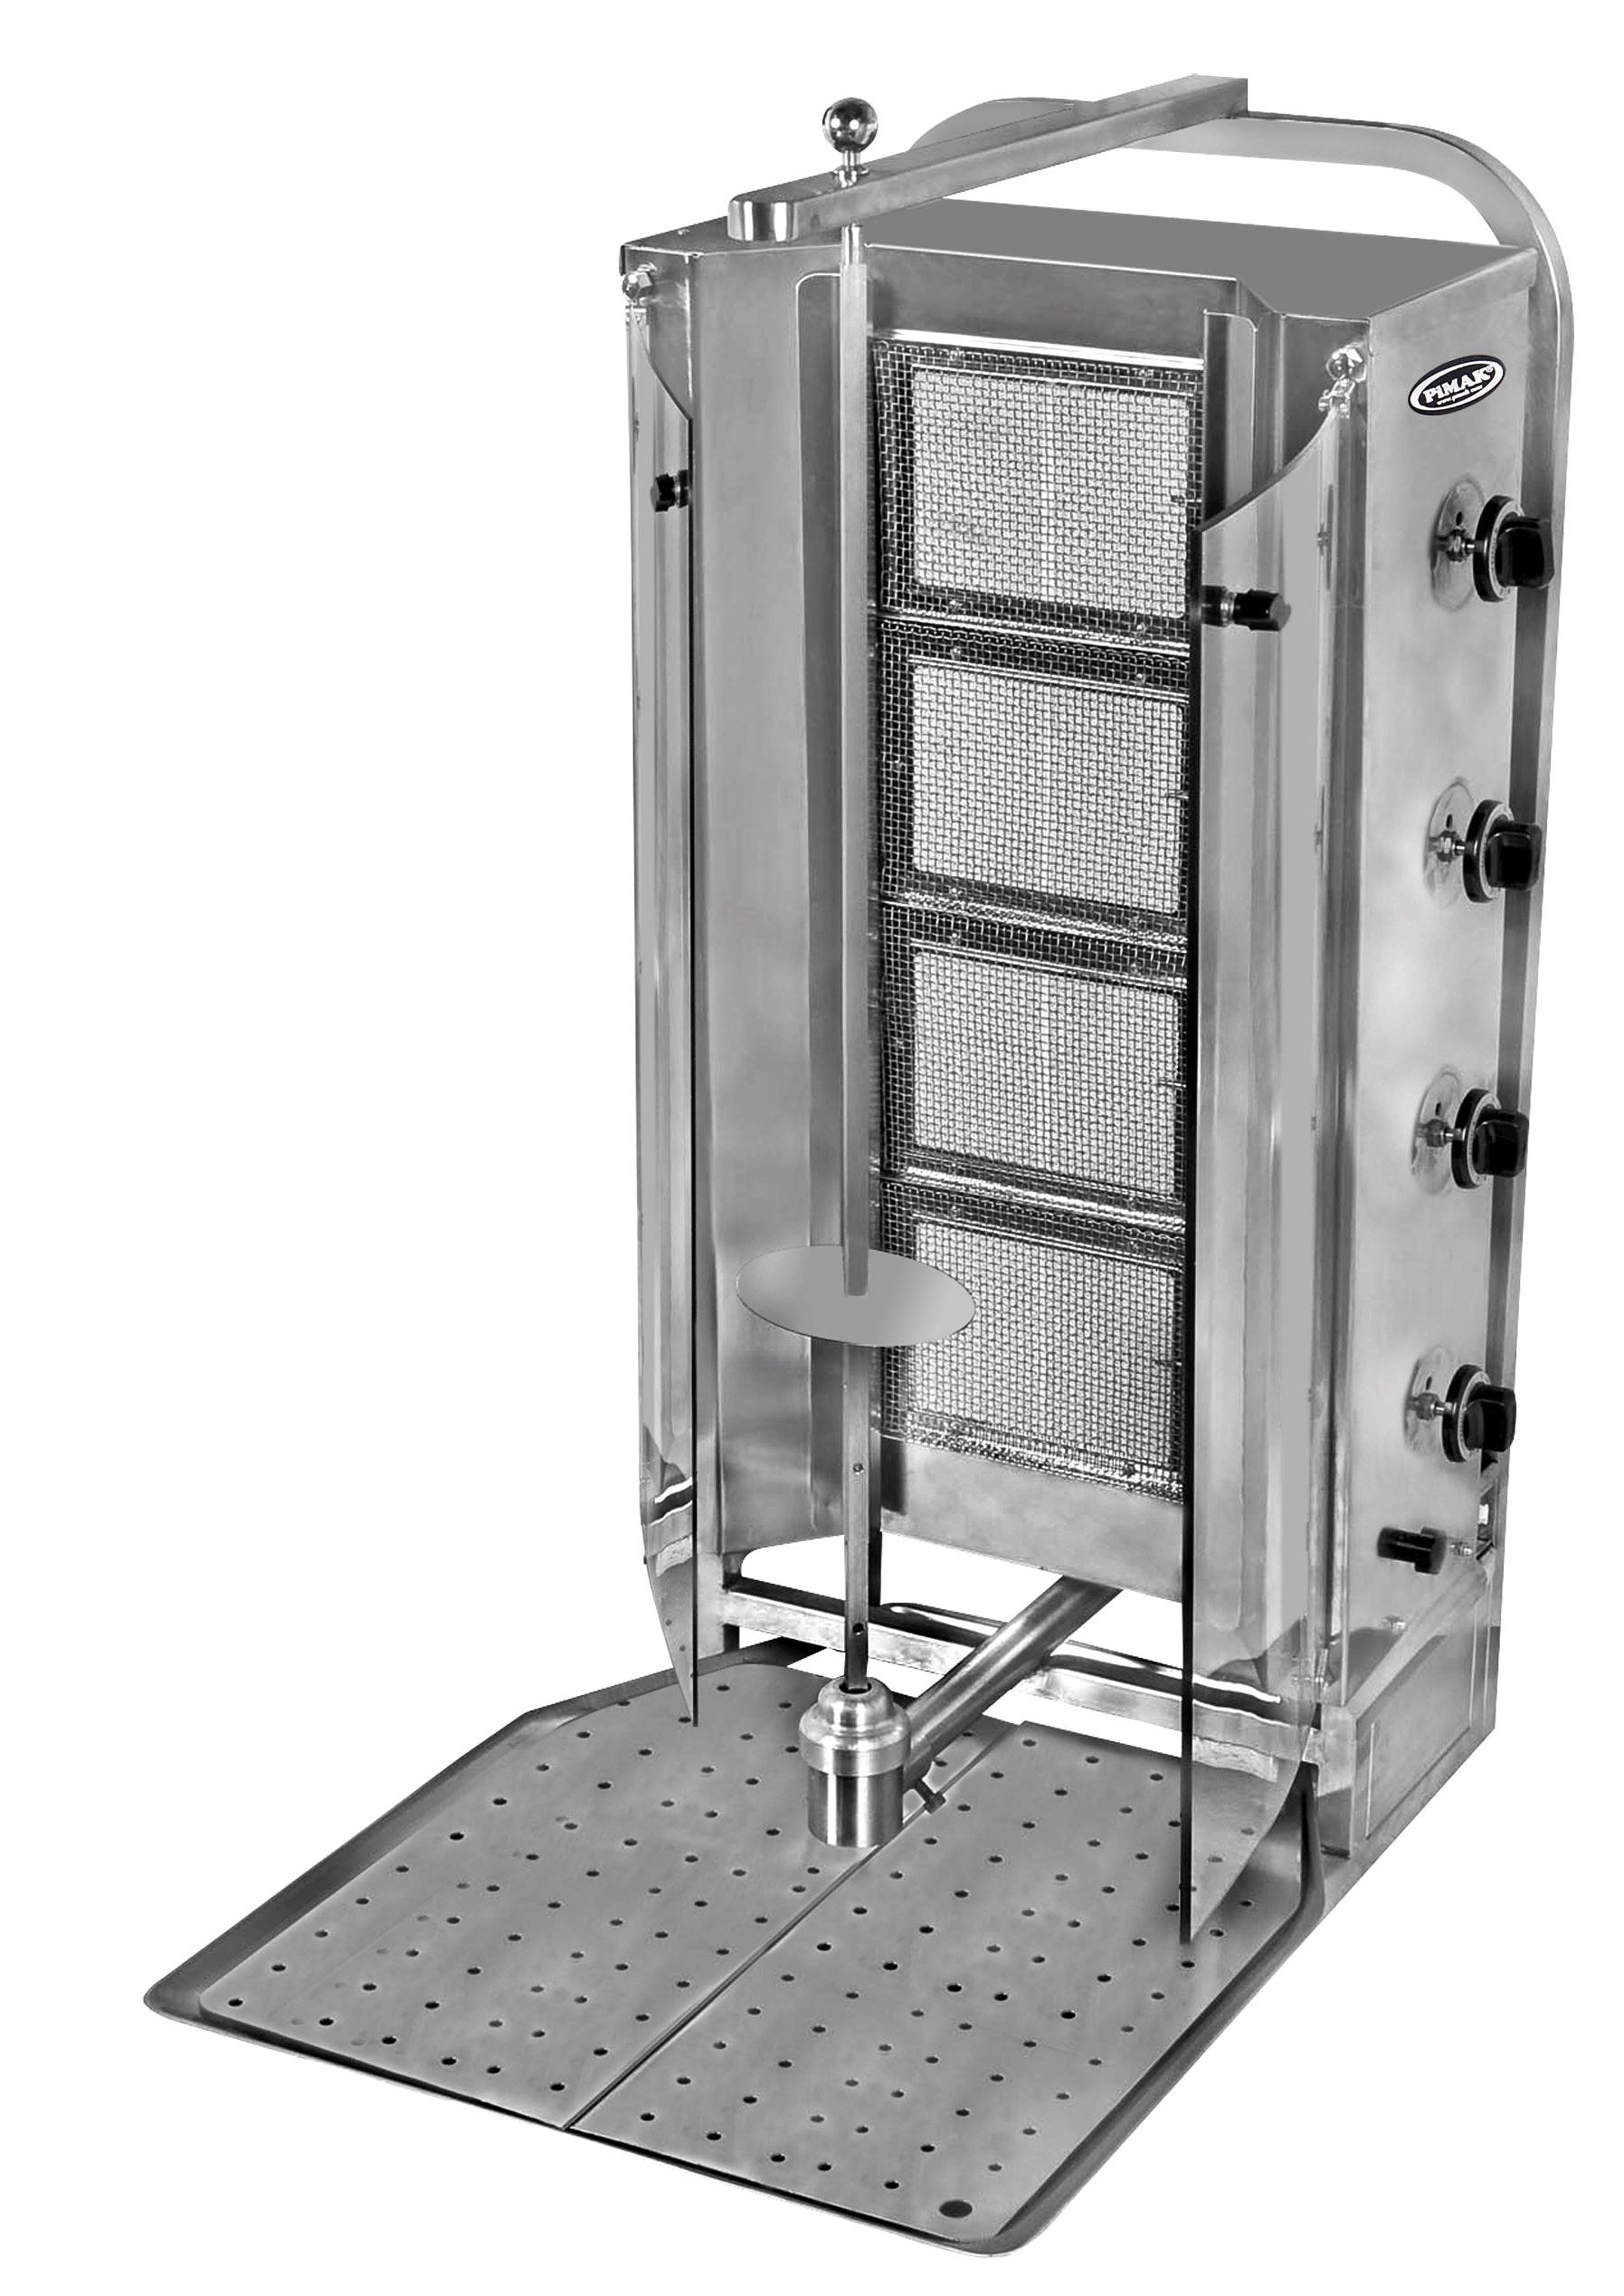 инструкция к газовоу горелке olympia ltg-45